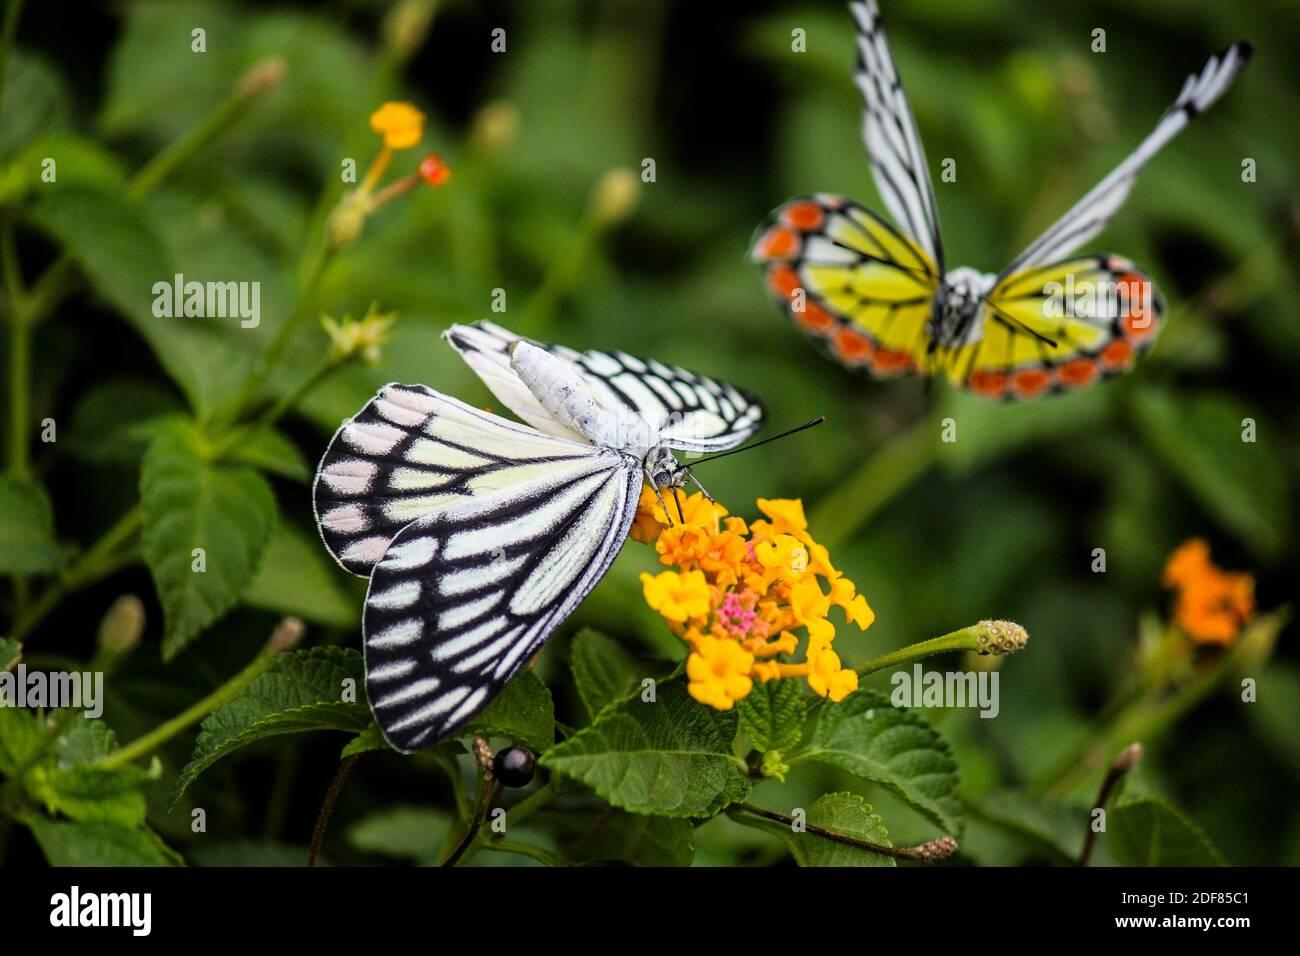 Mariposas Jezabel comunes (Delias euchariis) que se cimaban en las flores de lantana (Verbenaceae) en un parque en Mumbai, India. Foto de stock